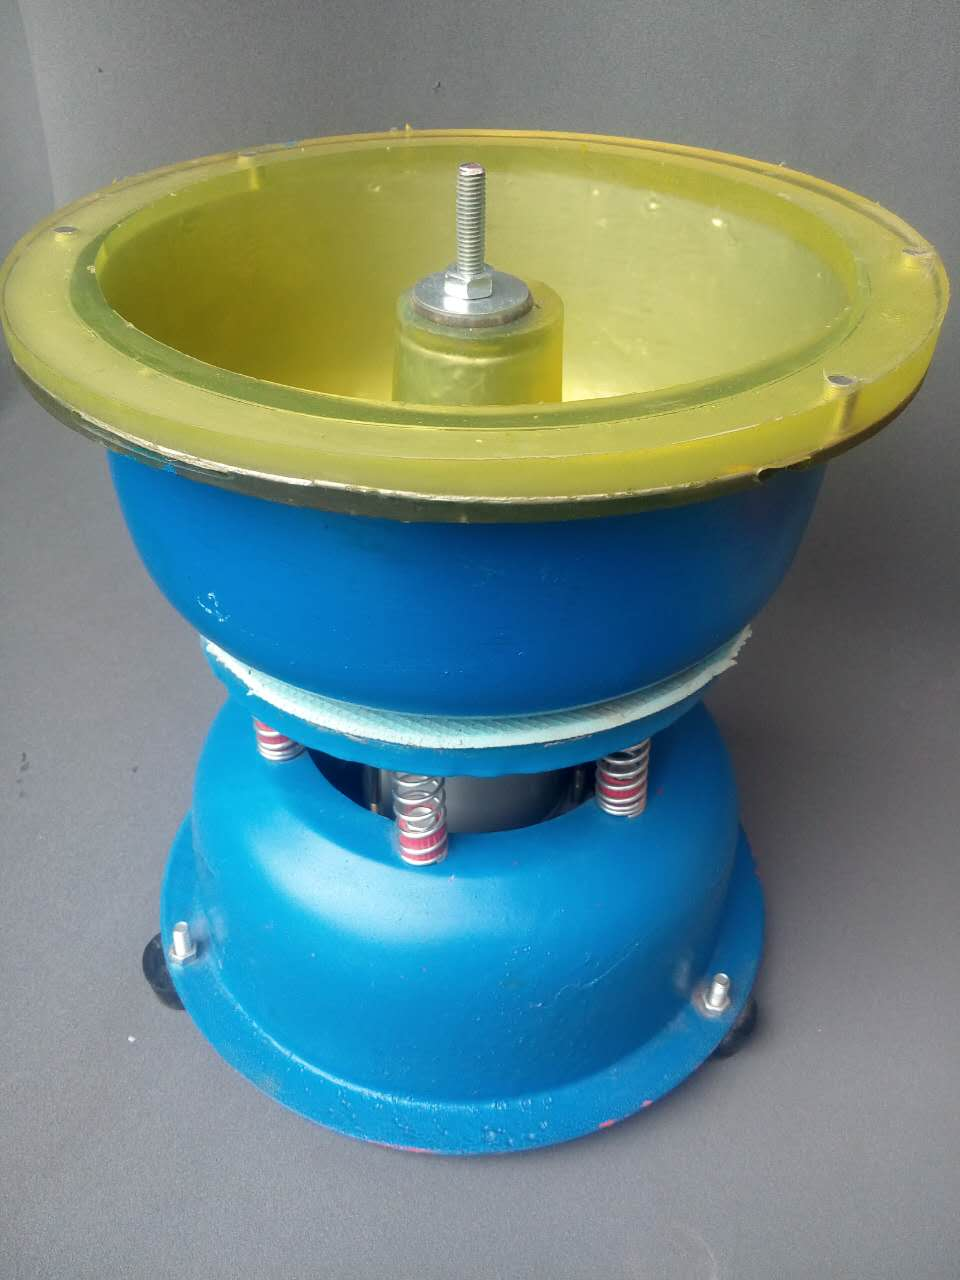 玉石机械 胶斗振桶抛光机 pu胶振机 胶斗抛光振机